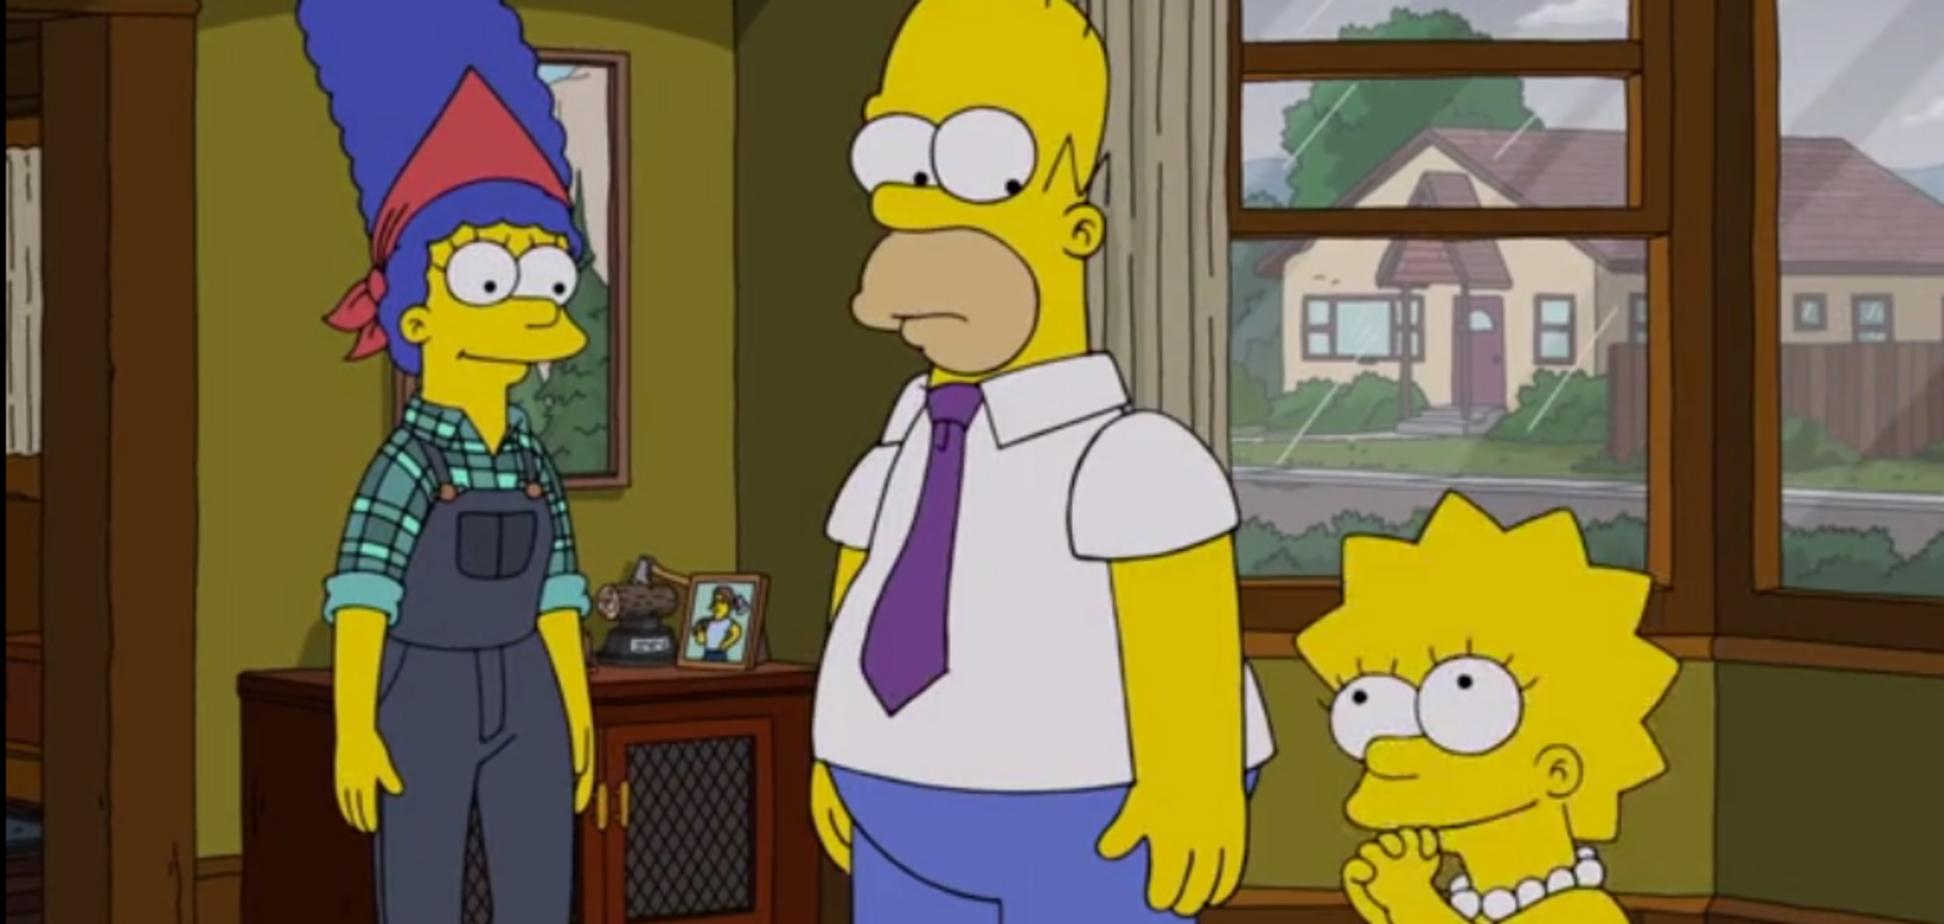 'Симпсонов могут закрыть': всплыли противоречивые данные